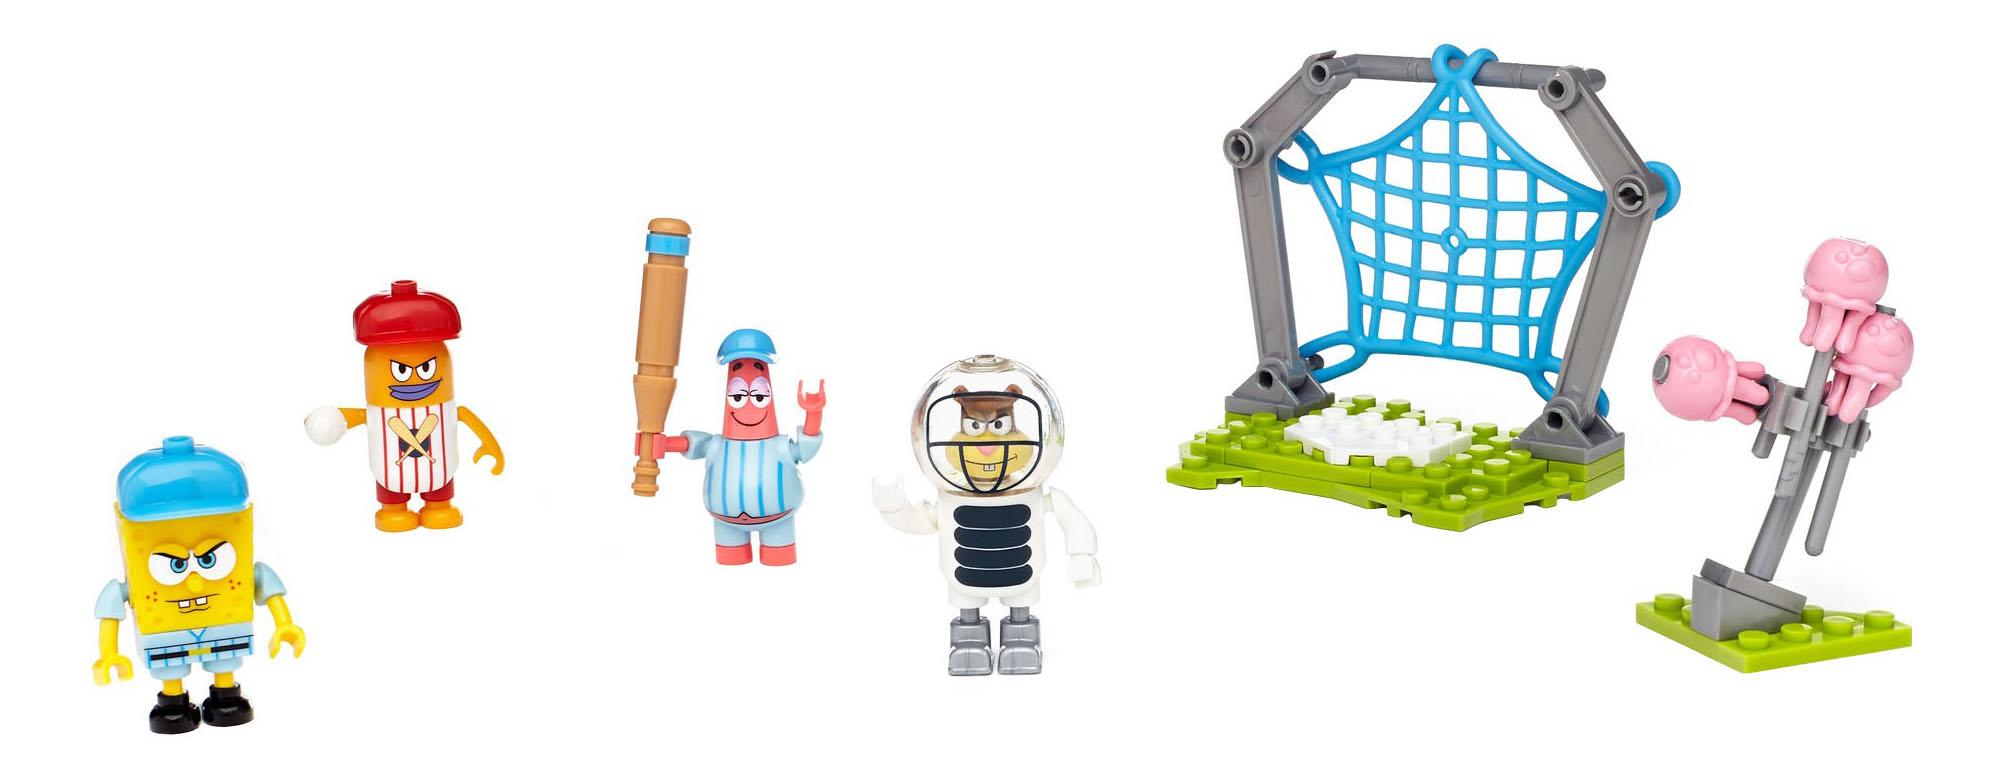 Купить Игровой набор Mega Bloks® Губка боб мини игровые наборы DLB16 DLB17, Mattel, Игровые наборы